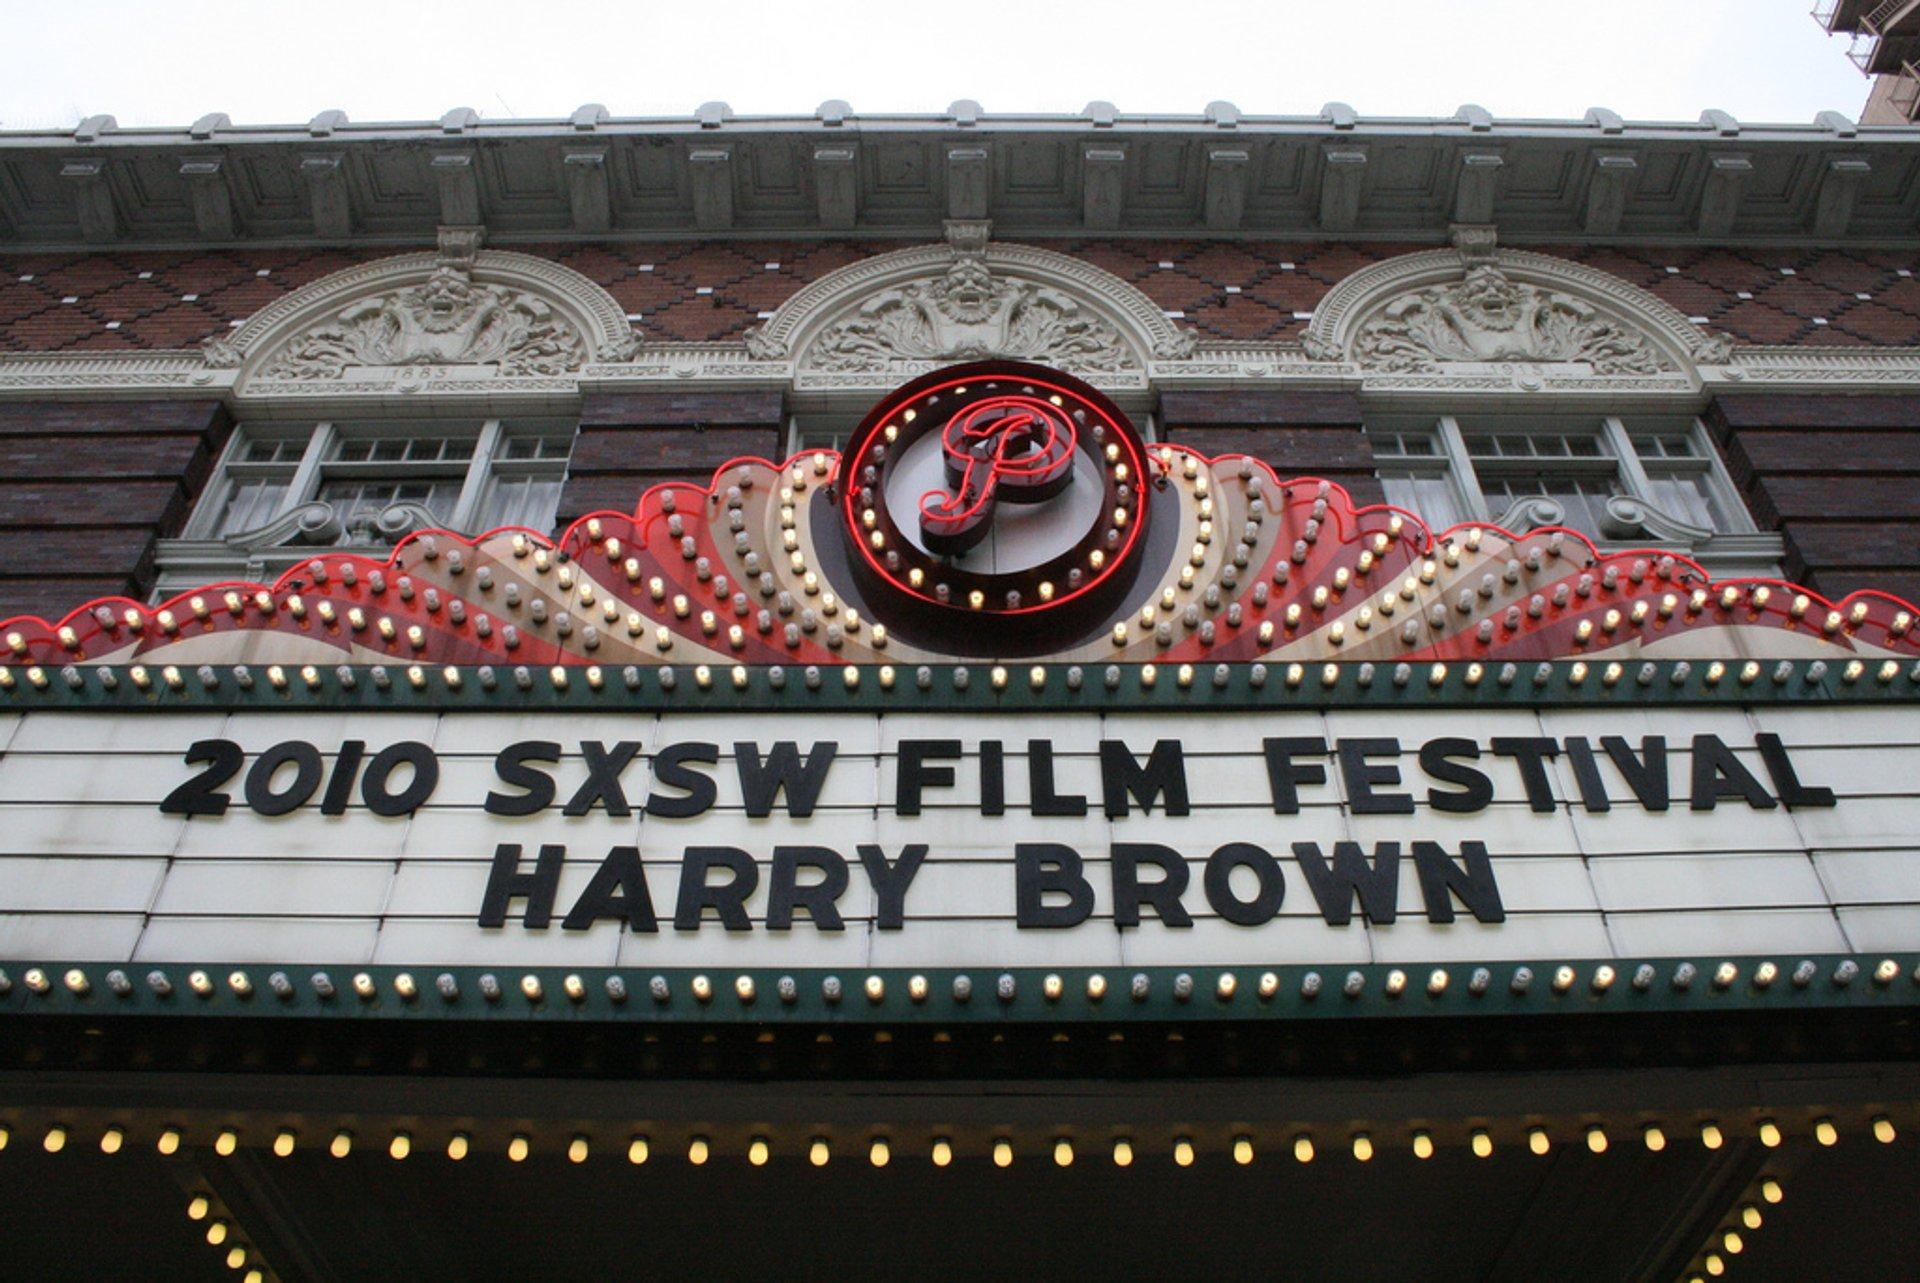 SXSW Film Festival in Texas - Best Season